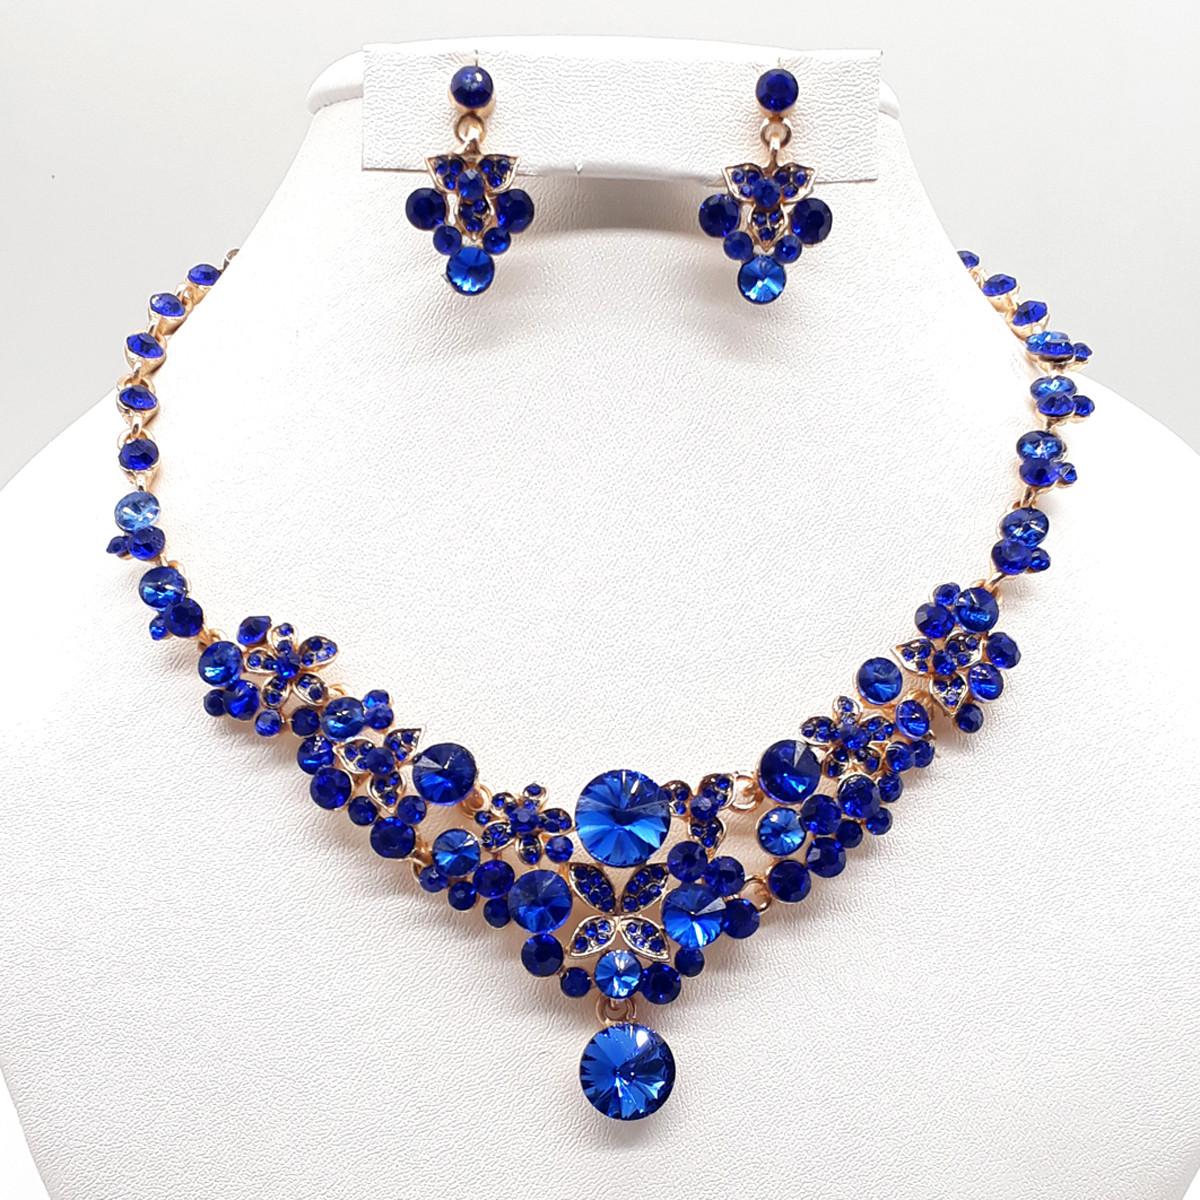 Комплект SONATA (Колье + серьги), синие фианиты, позолота 18К, 63371